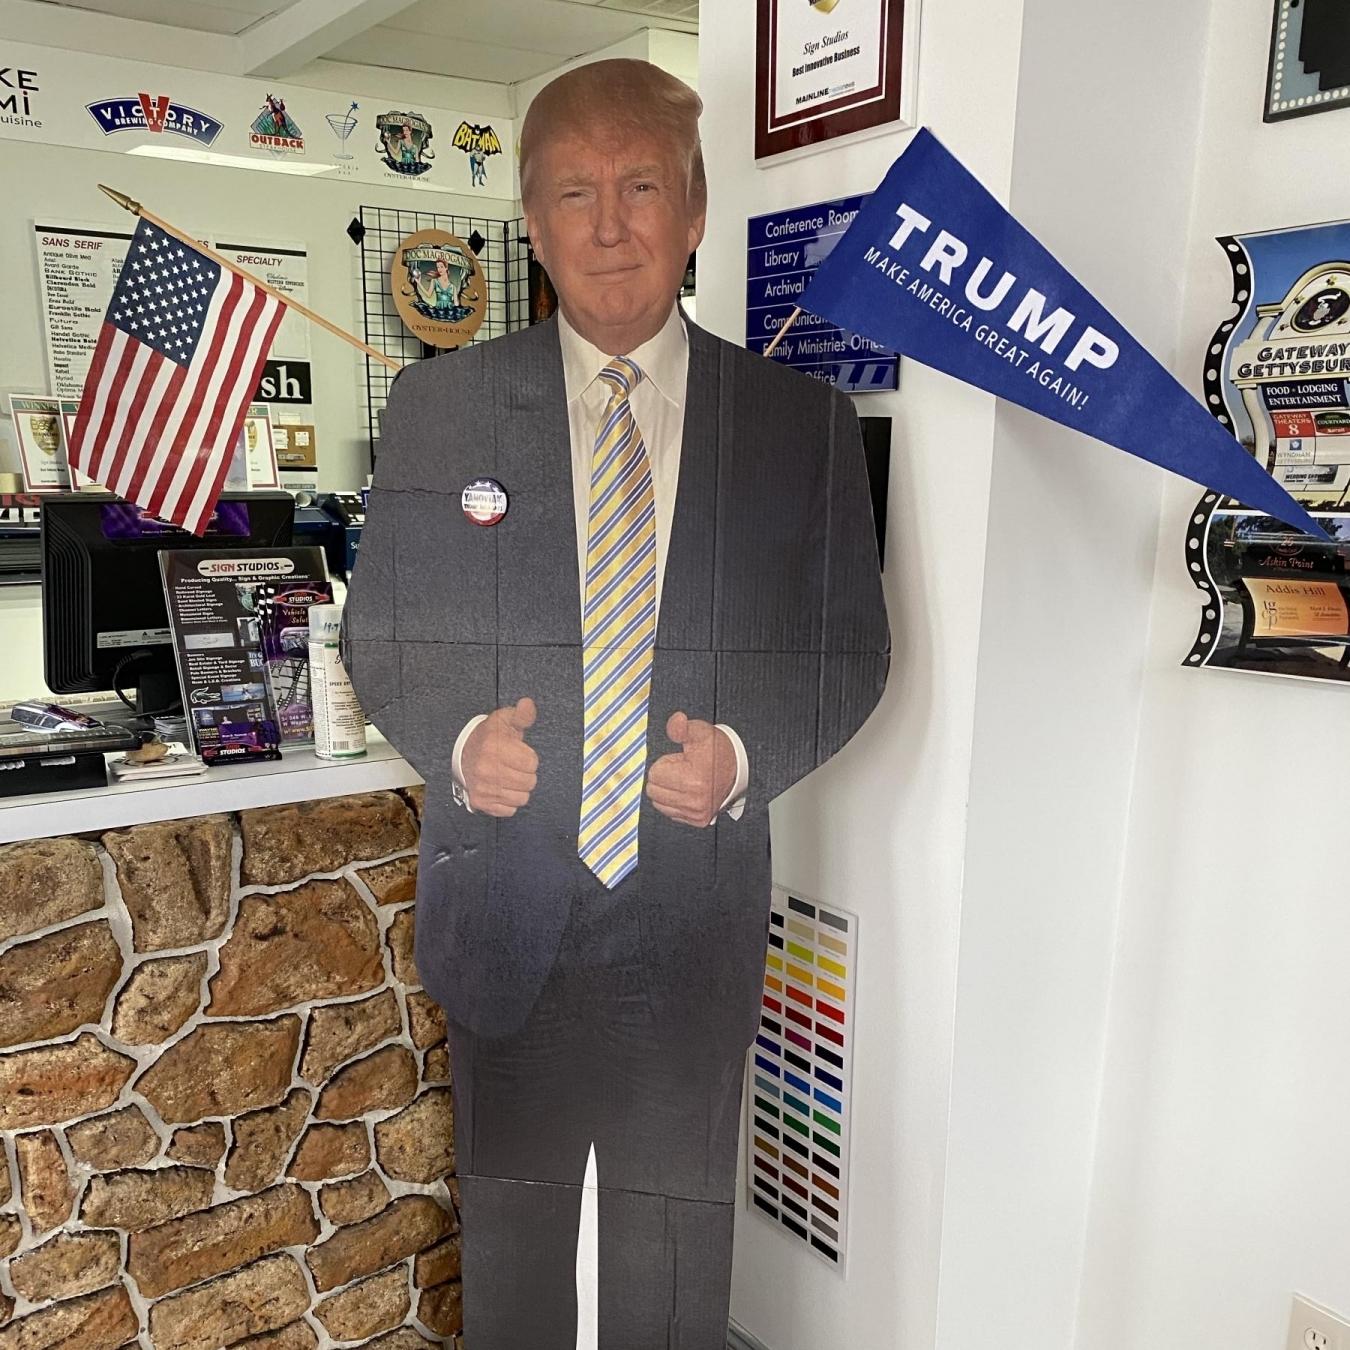 Donald Trump Cutout